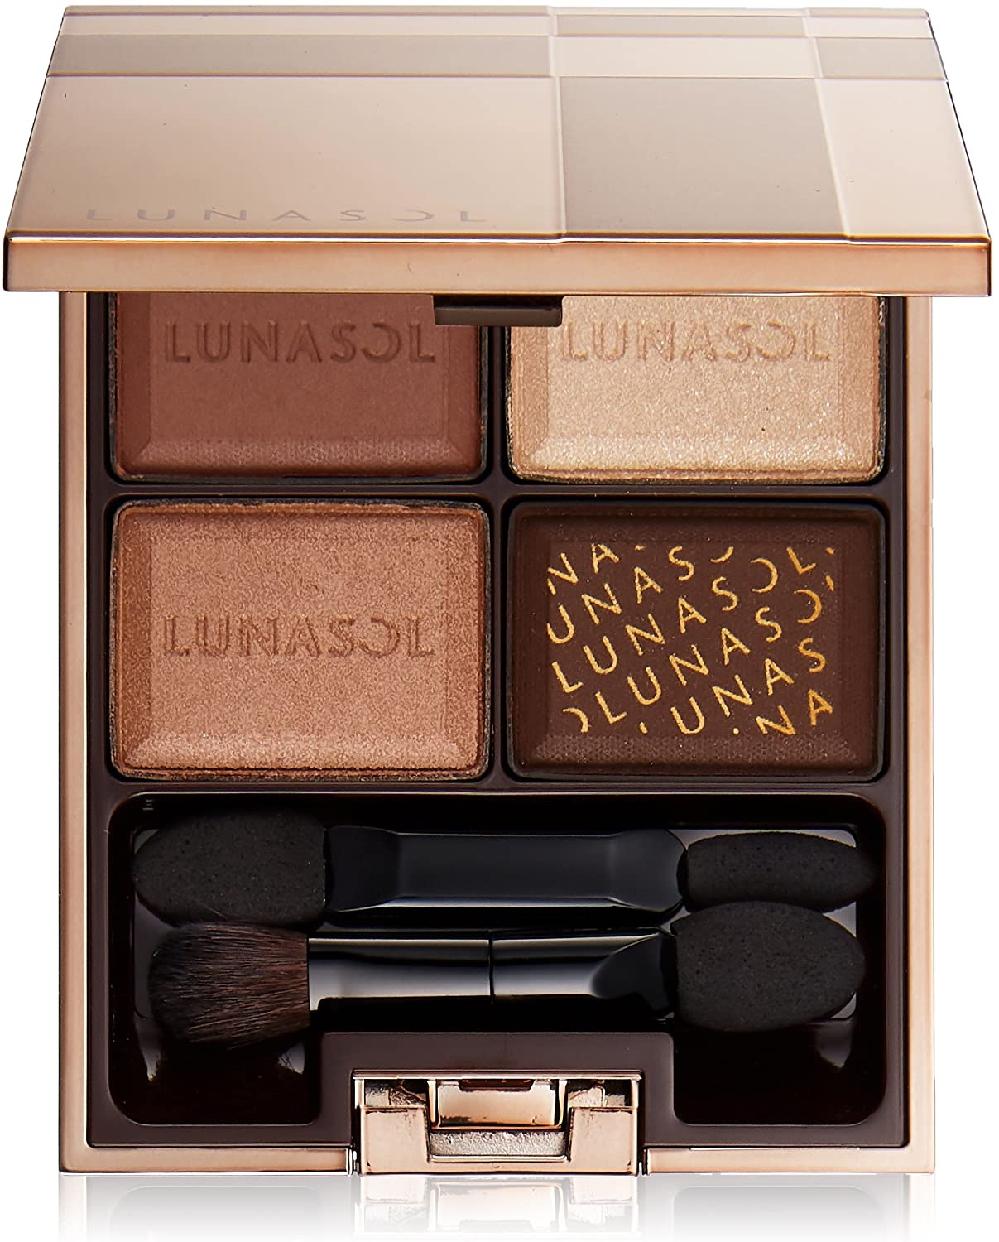 LUNASOL(ルナソル)セレクション・ドゥ・ショコラアイズの商品画像